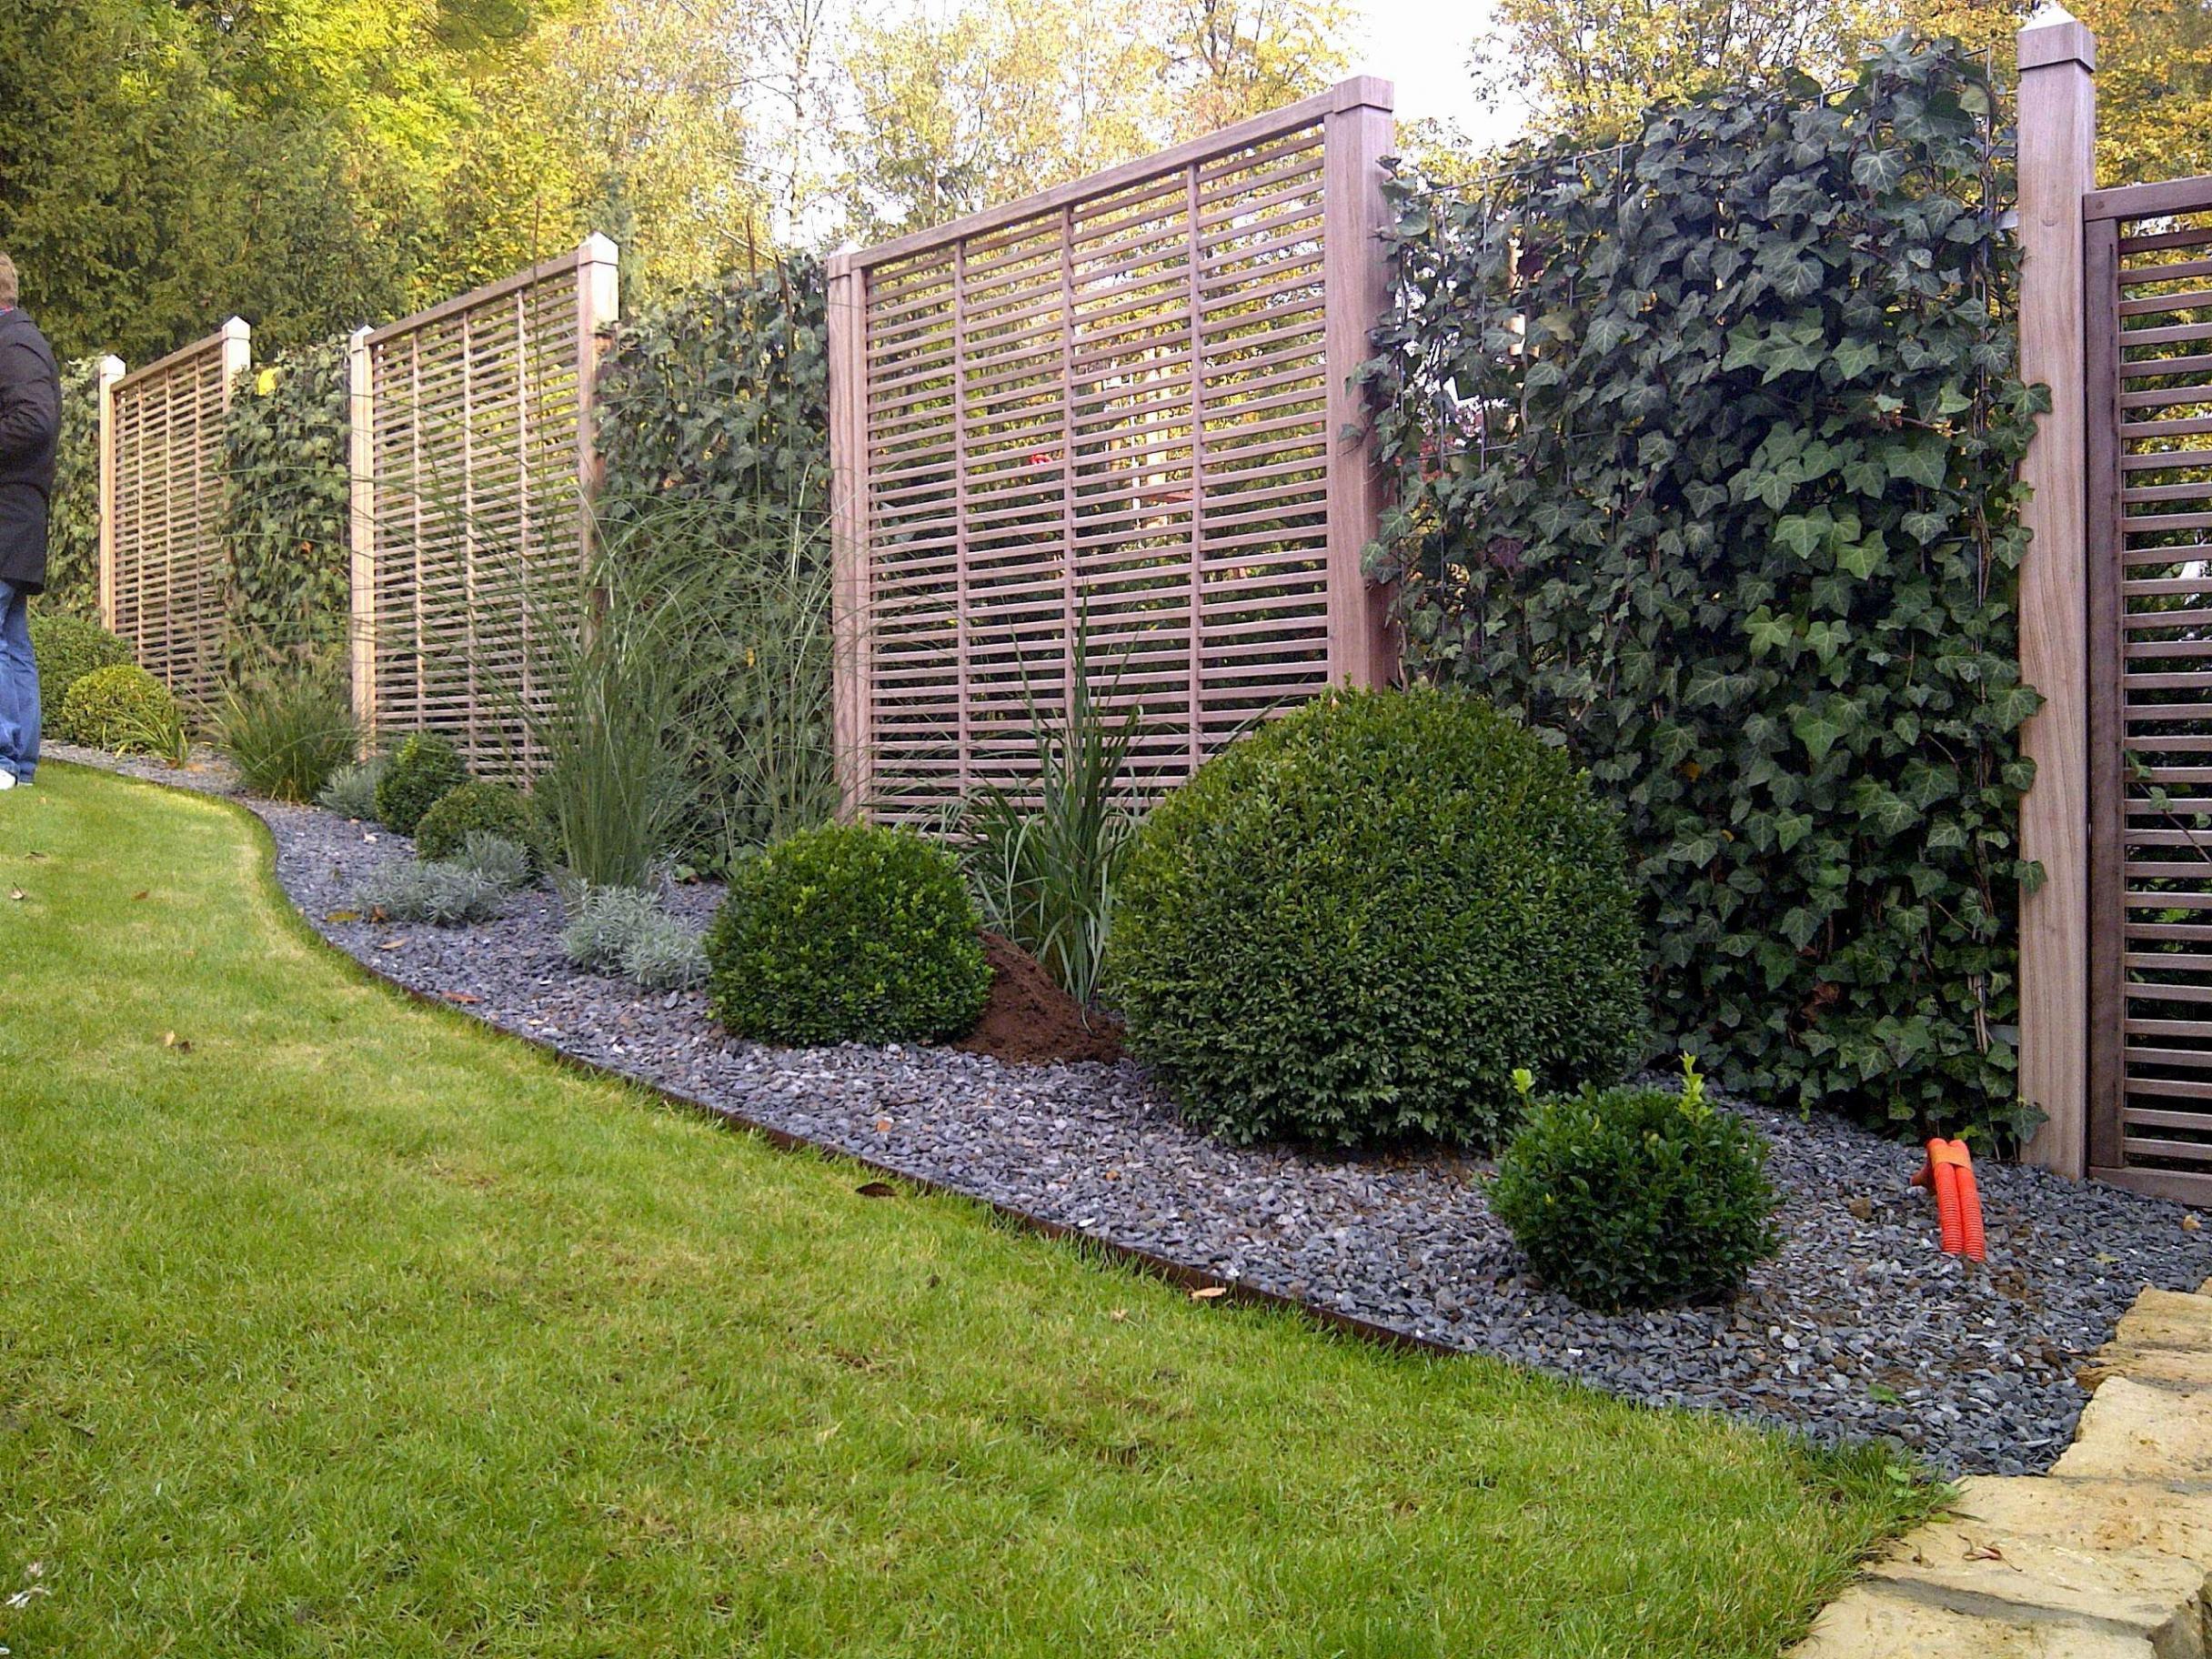 Gartengestaltung Sichtschutz Elegant Pflanzen Garten Sichtschutz — Temobardz Home Blog